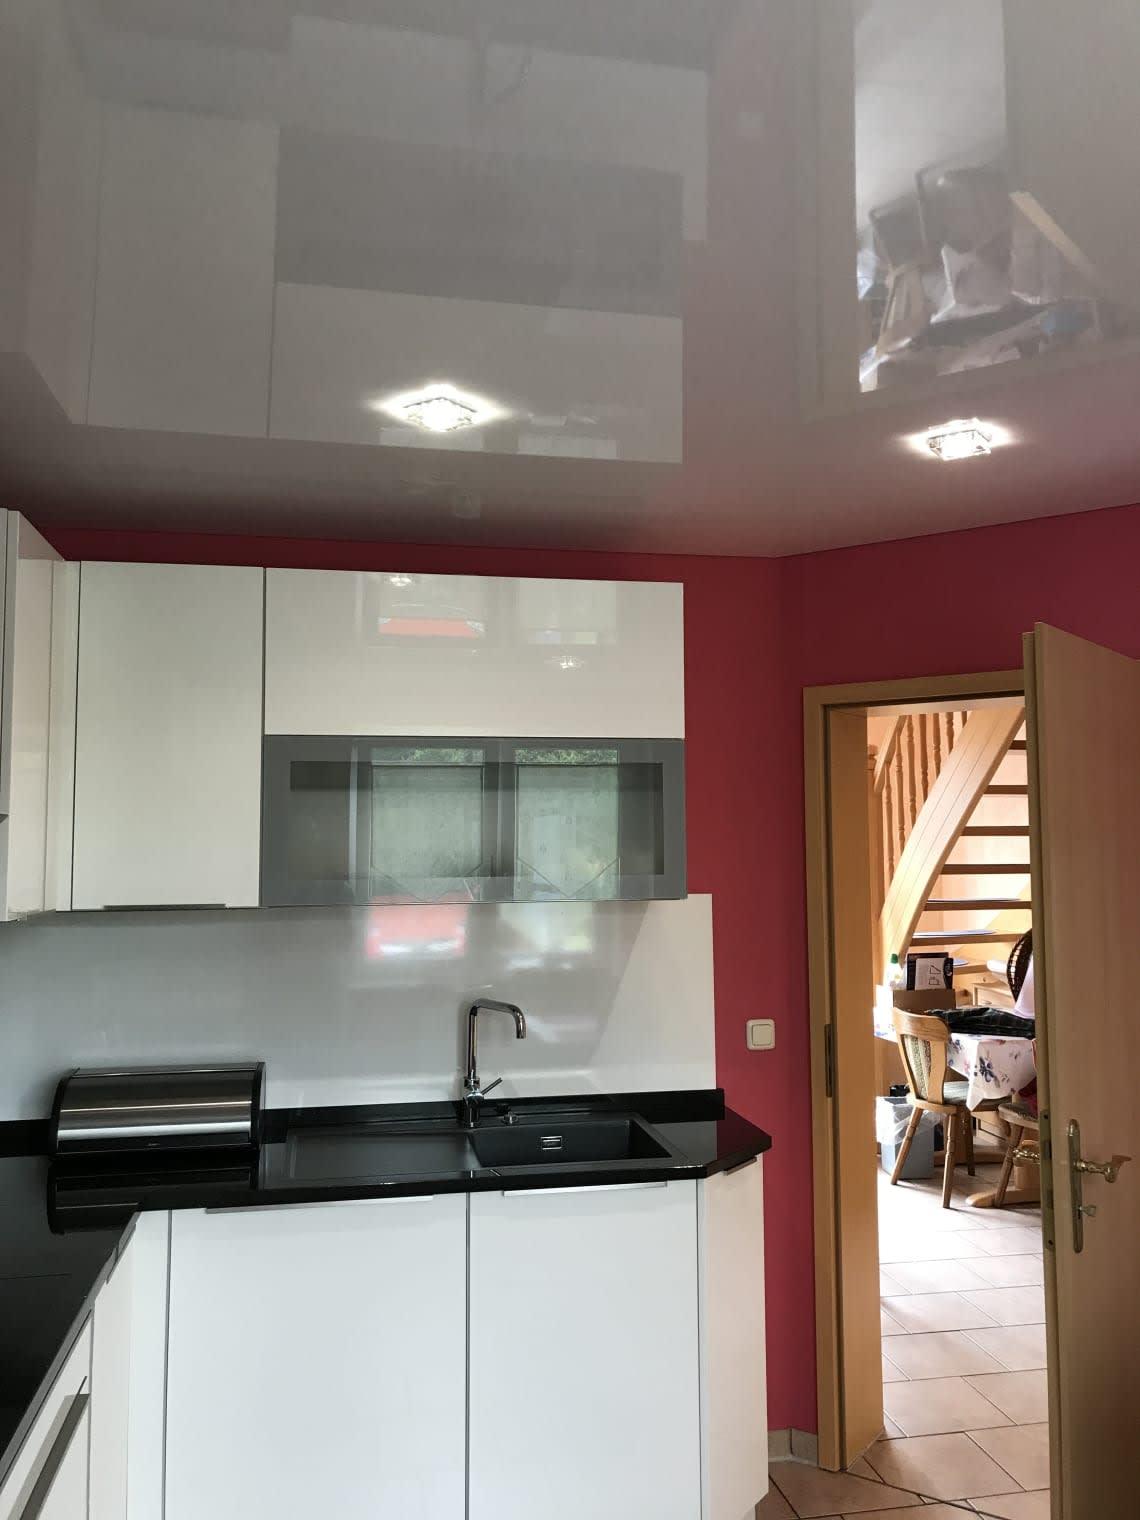 Weiße Spanndecke in der Küche mit Glasleuchten